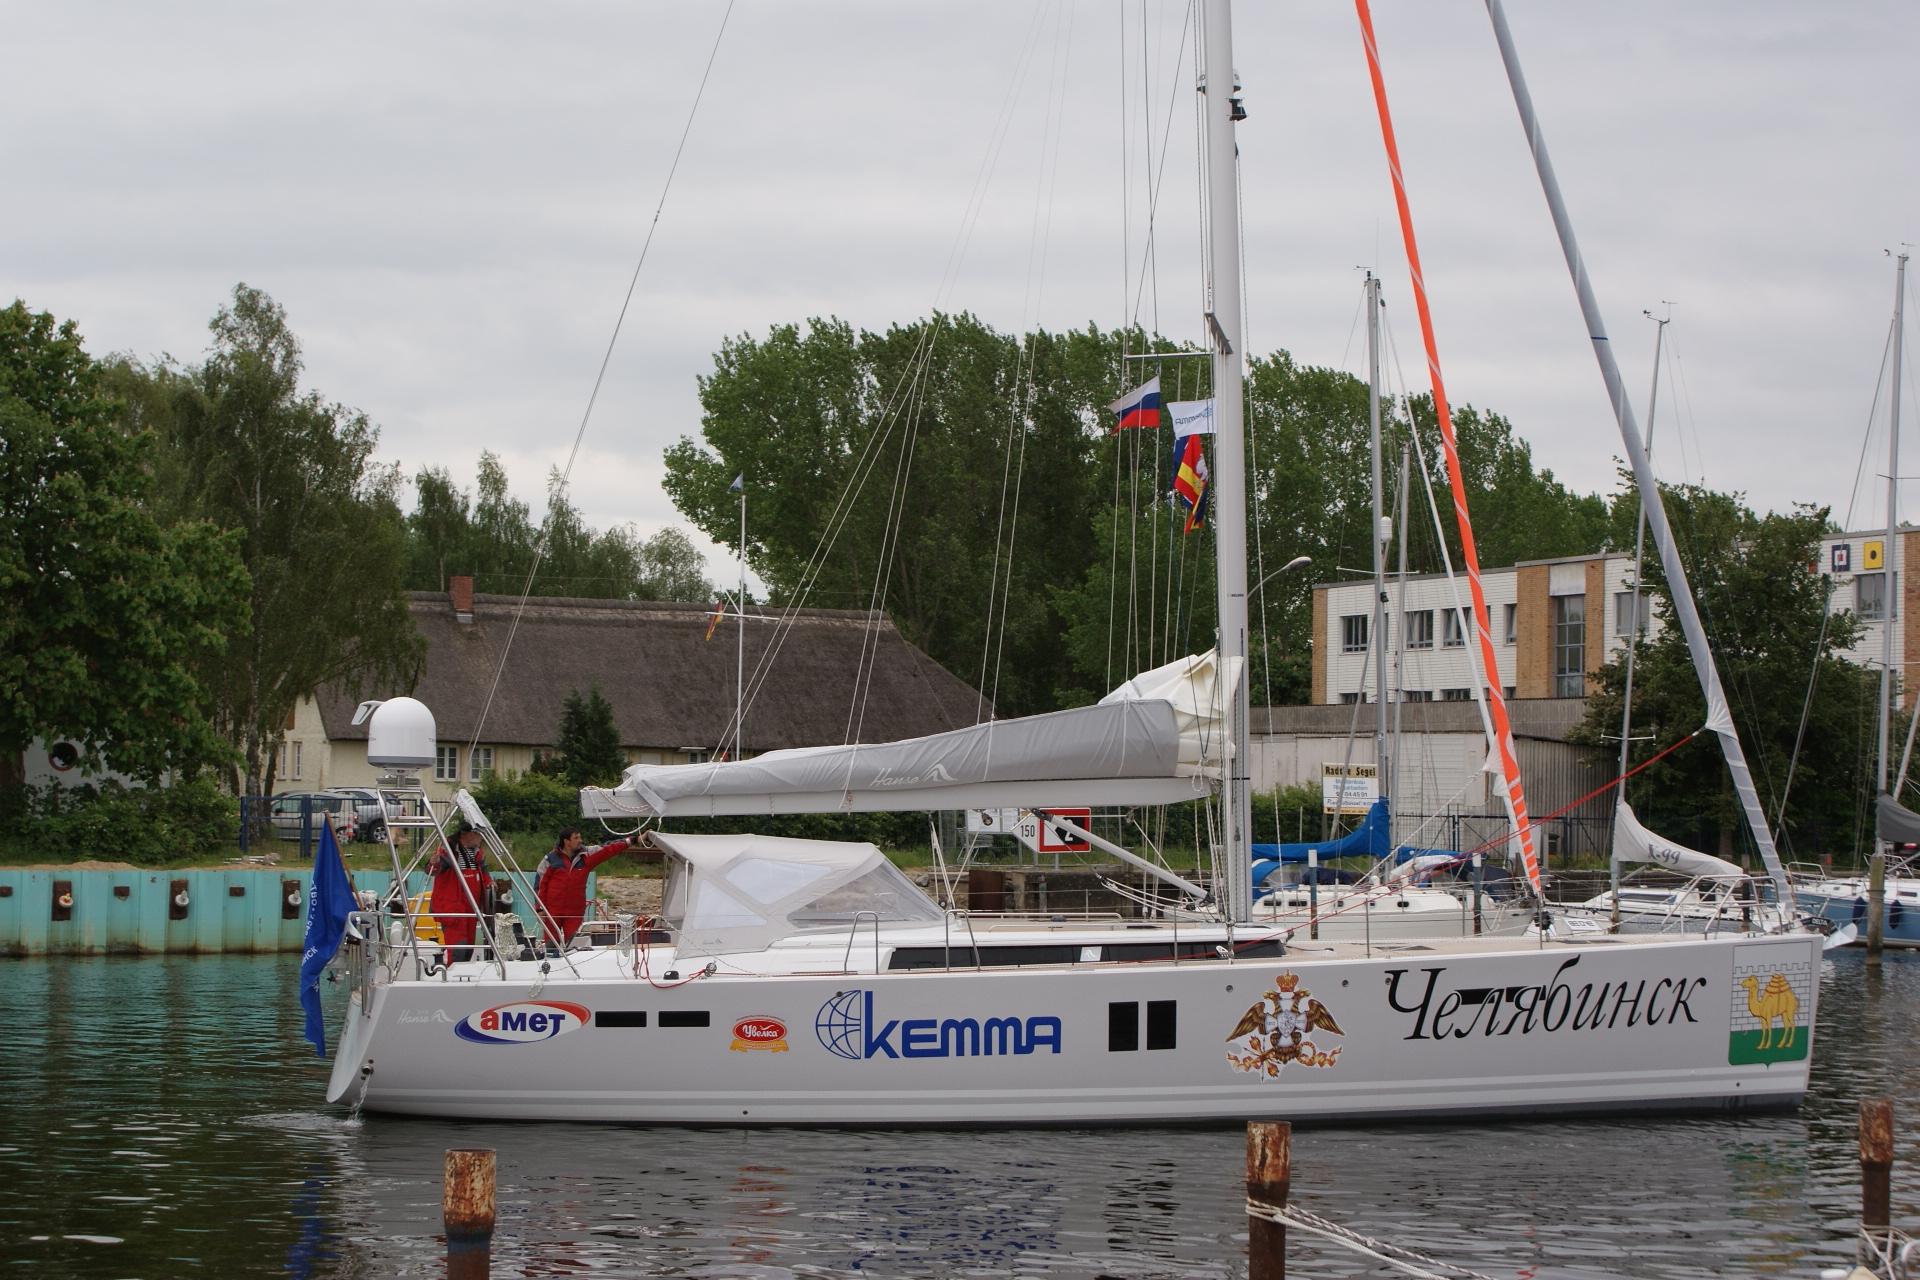 «Балтика встретила нас восьми бальным штормом, зато проверили лодку в экстремальных условиях, - р